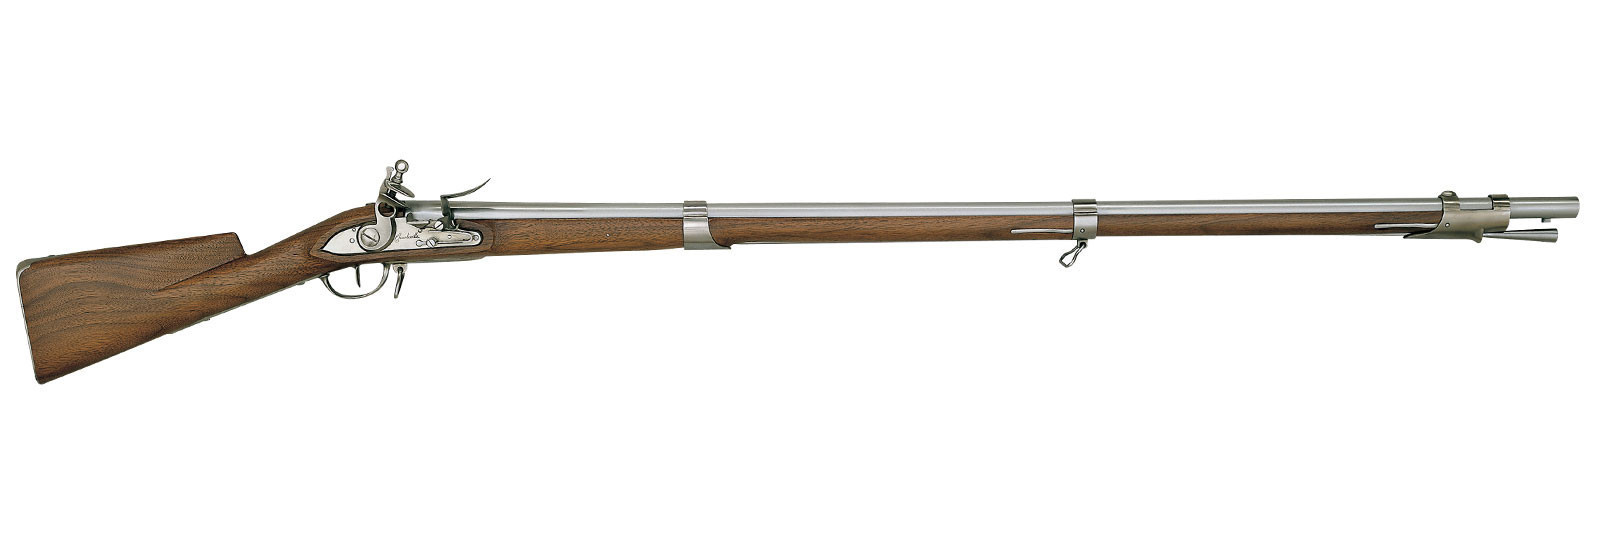 1763 Leger mod. 1766 Charleville